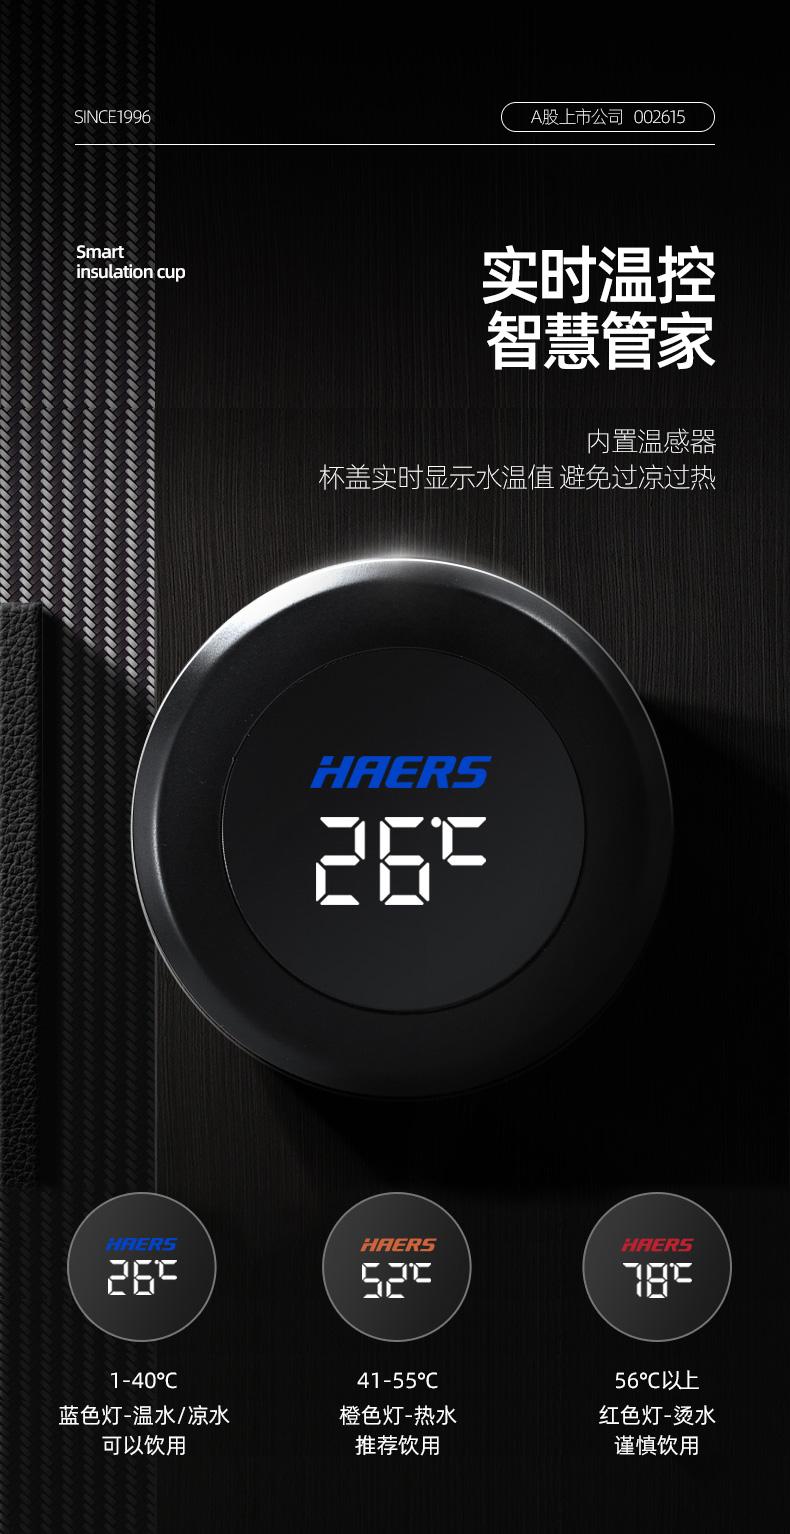 哈尔斯智能保温杯_触屏测温高档定制